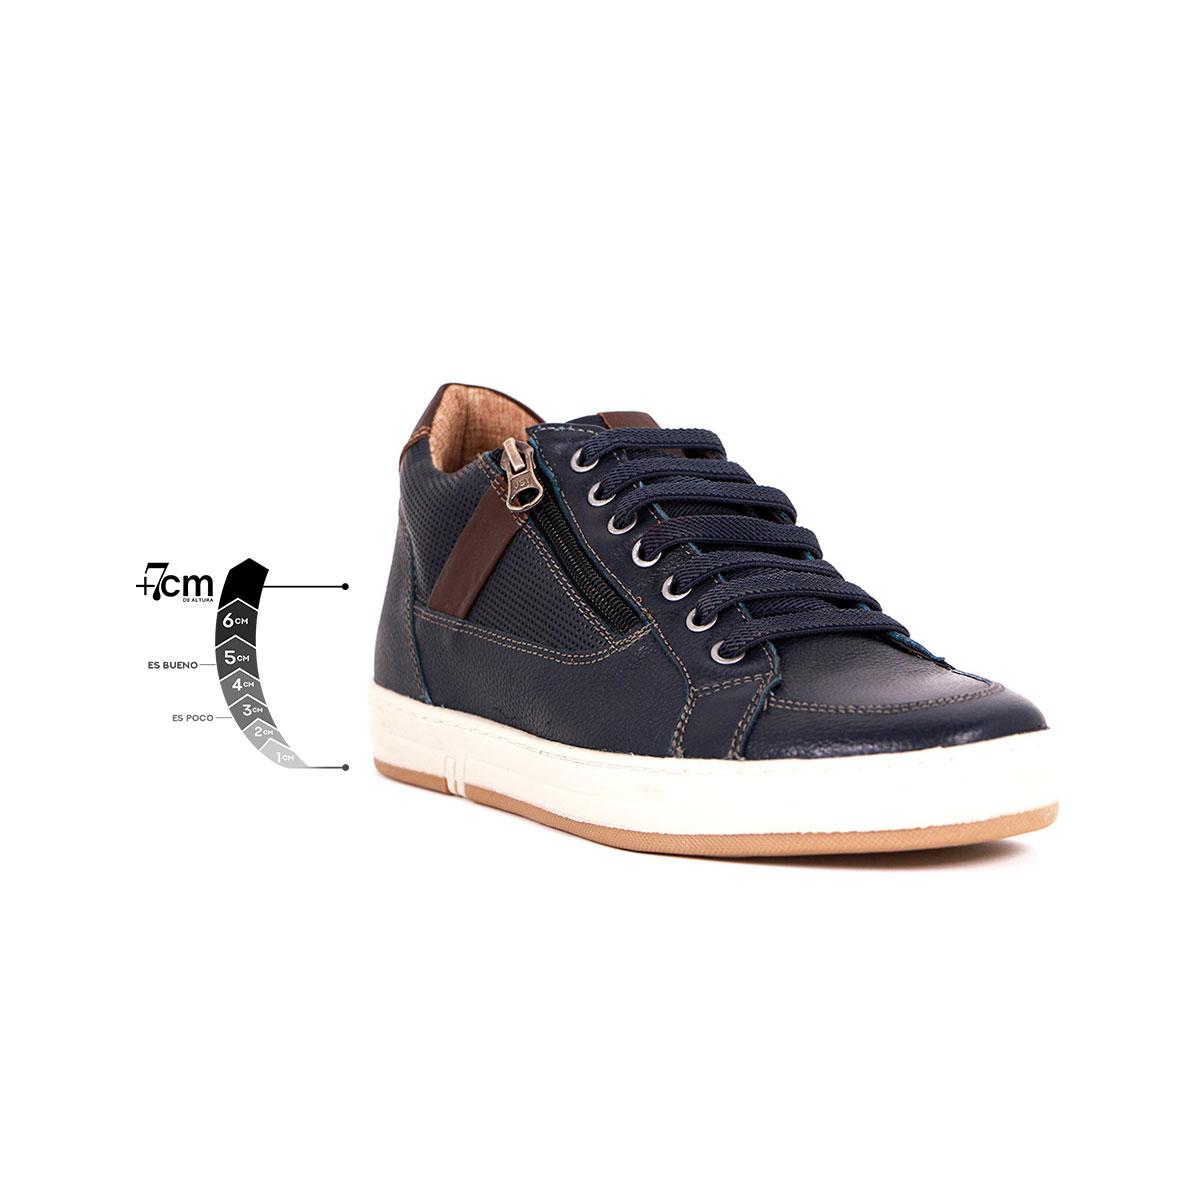 Tenis Hidden Jeans Max Denegri +7cms de Altura_76293